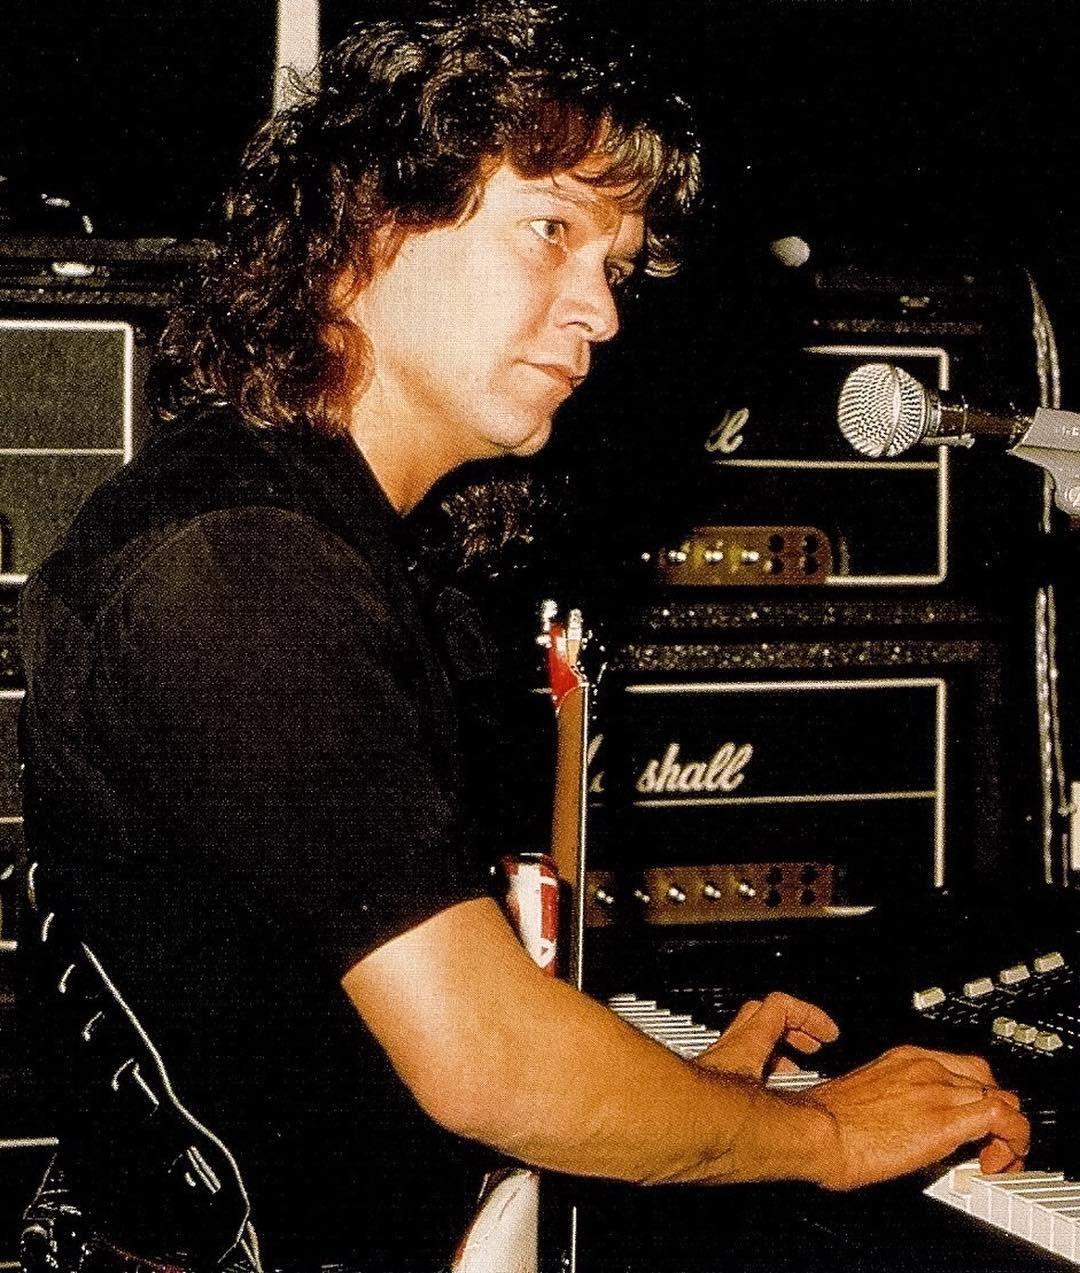 Eddie Van Halen S Channel On Instagram 5 1 5 0 Evh Vanhalen Edwardvanhalen Eddievanhalen Guitarlegend Gu Eddie Van Halen Van Halen Playing Guitar